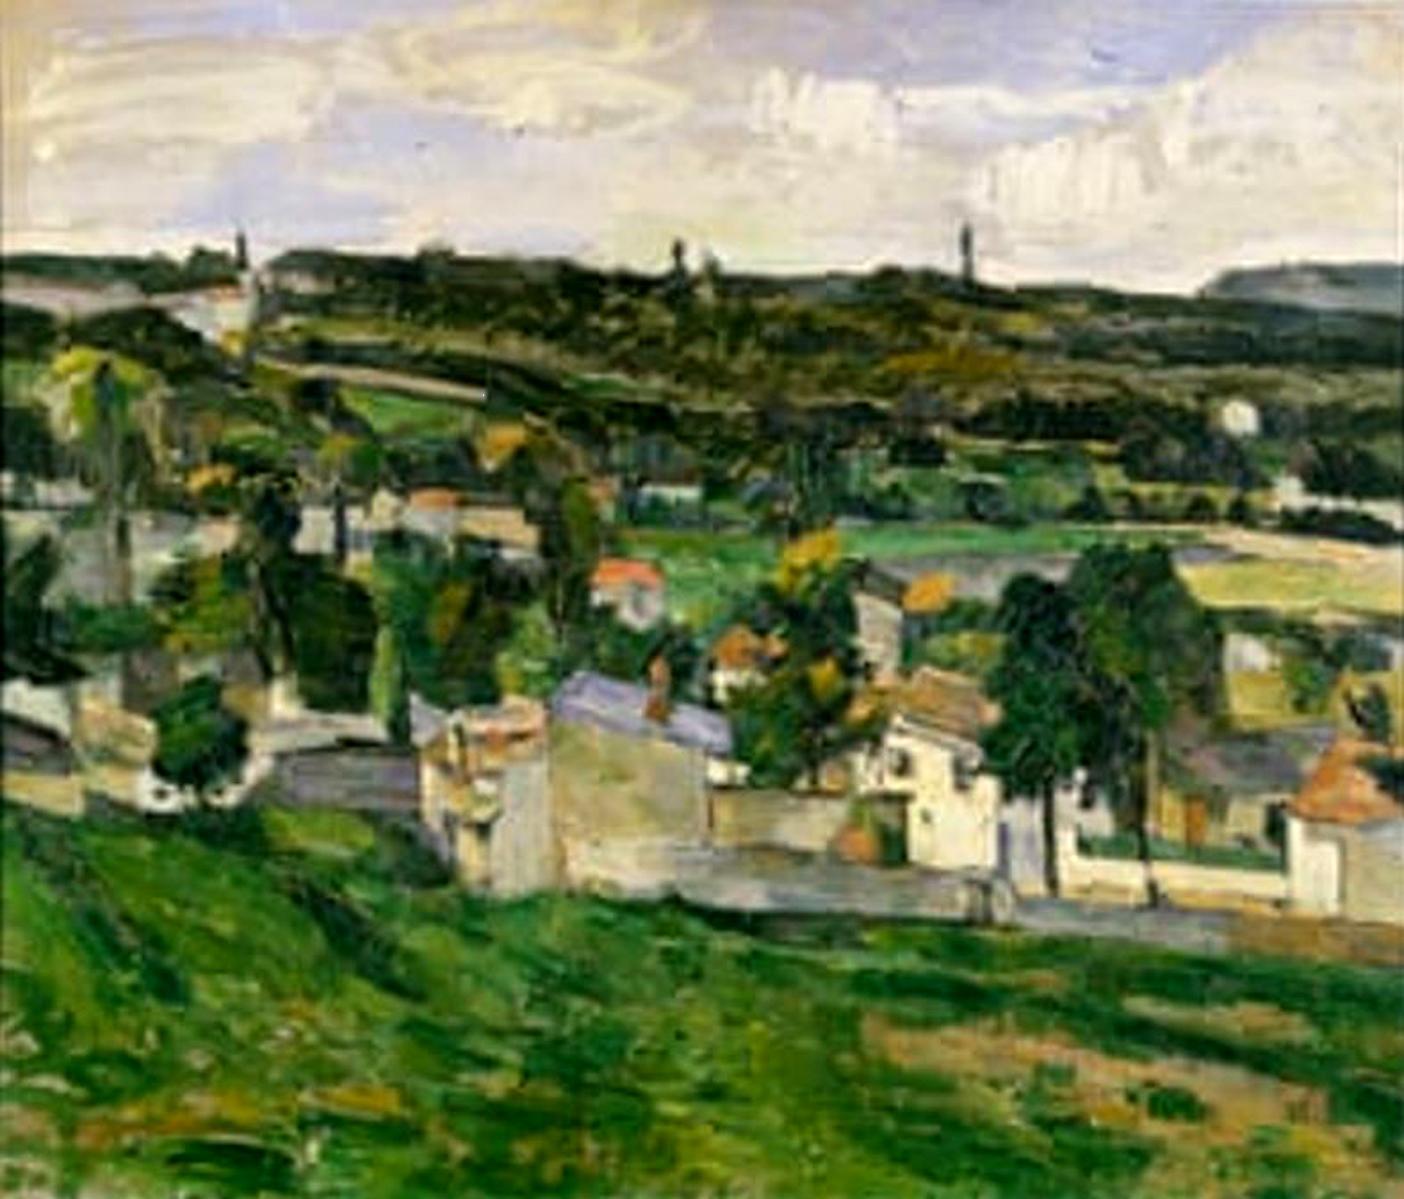 On Millennium Eve, Cézanne's Auvers-sur-Oise. Image Credit: Ashmolean Museum/Heritage Images/Getty Images, 2020.